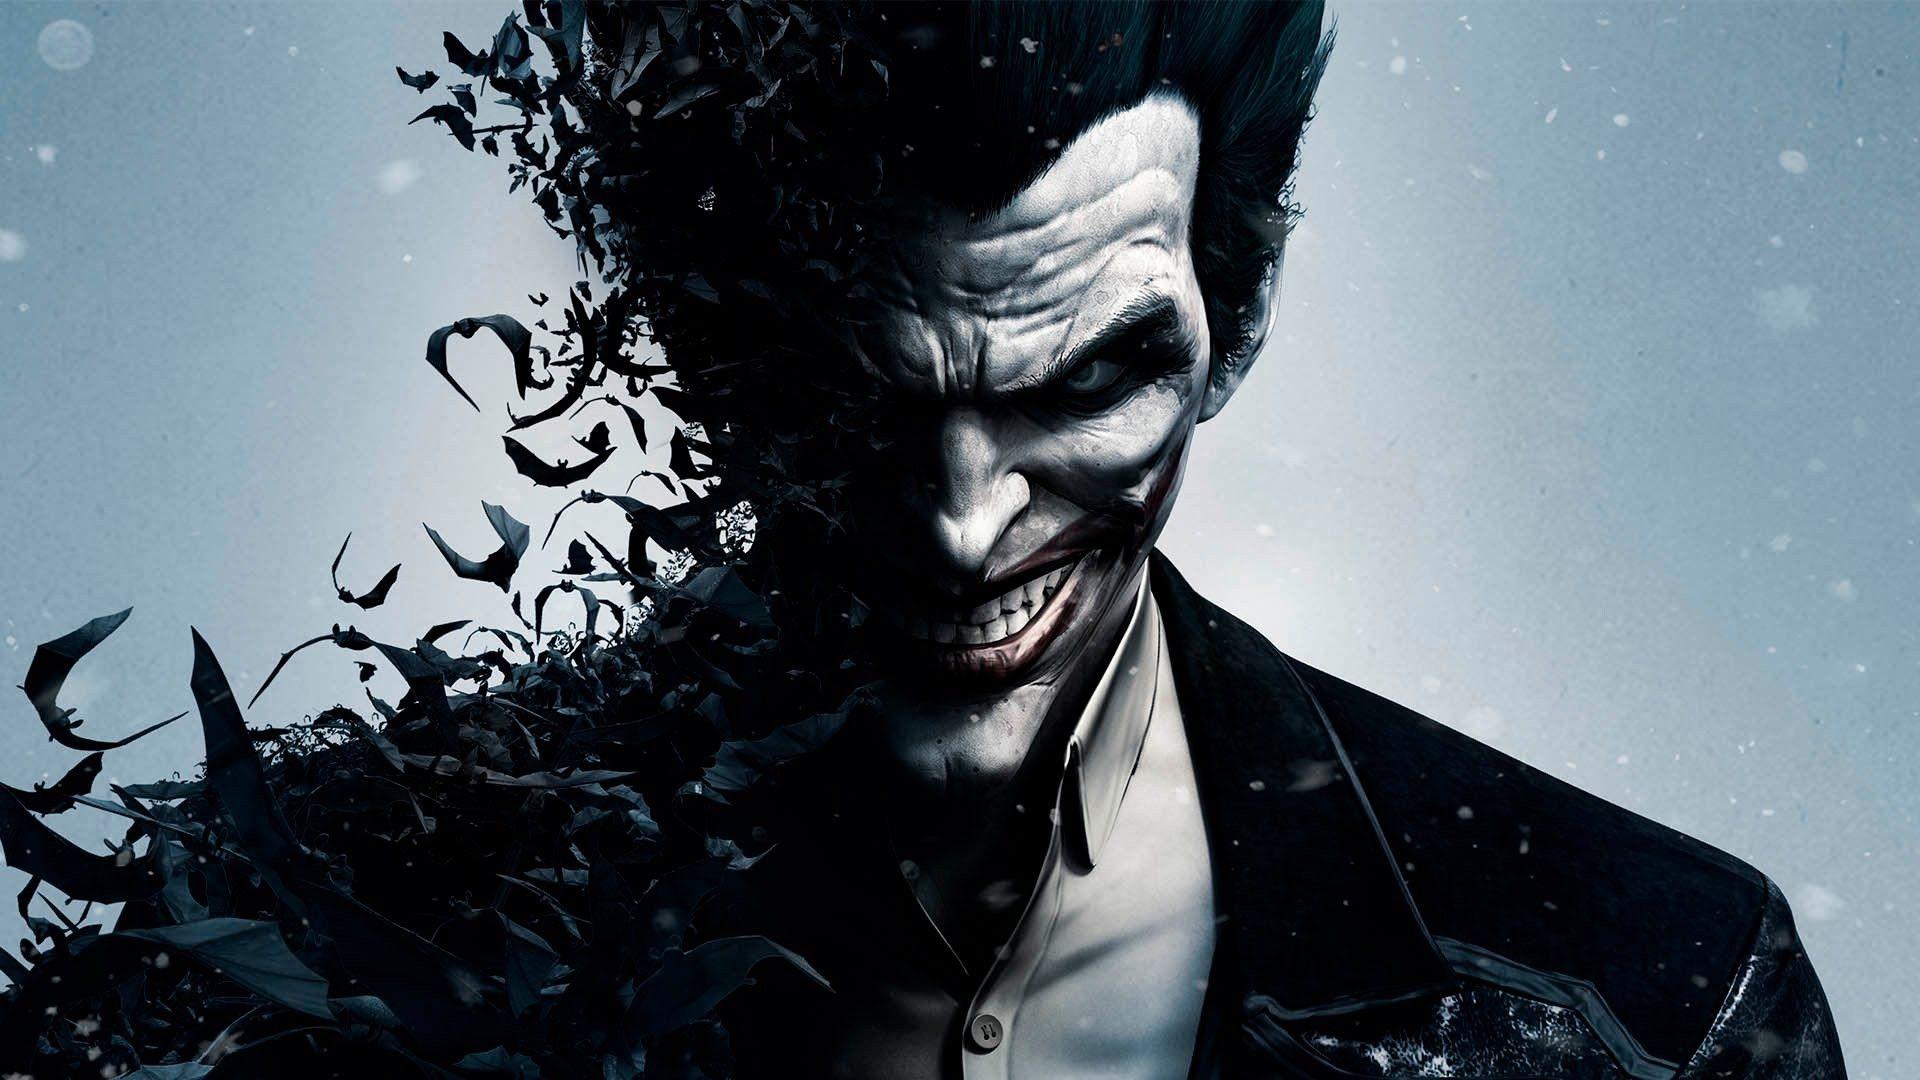 The Joker Is Definitely The Coolest Villain Batman Arkham Origins Joker Wallpapers Batman Joker Wallpaper High resolution 4k ultra hd joker cards